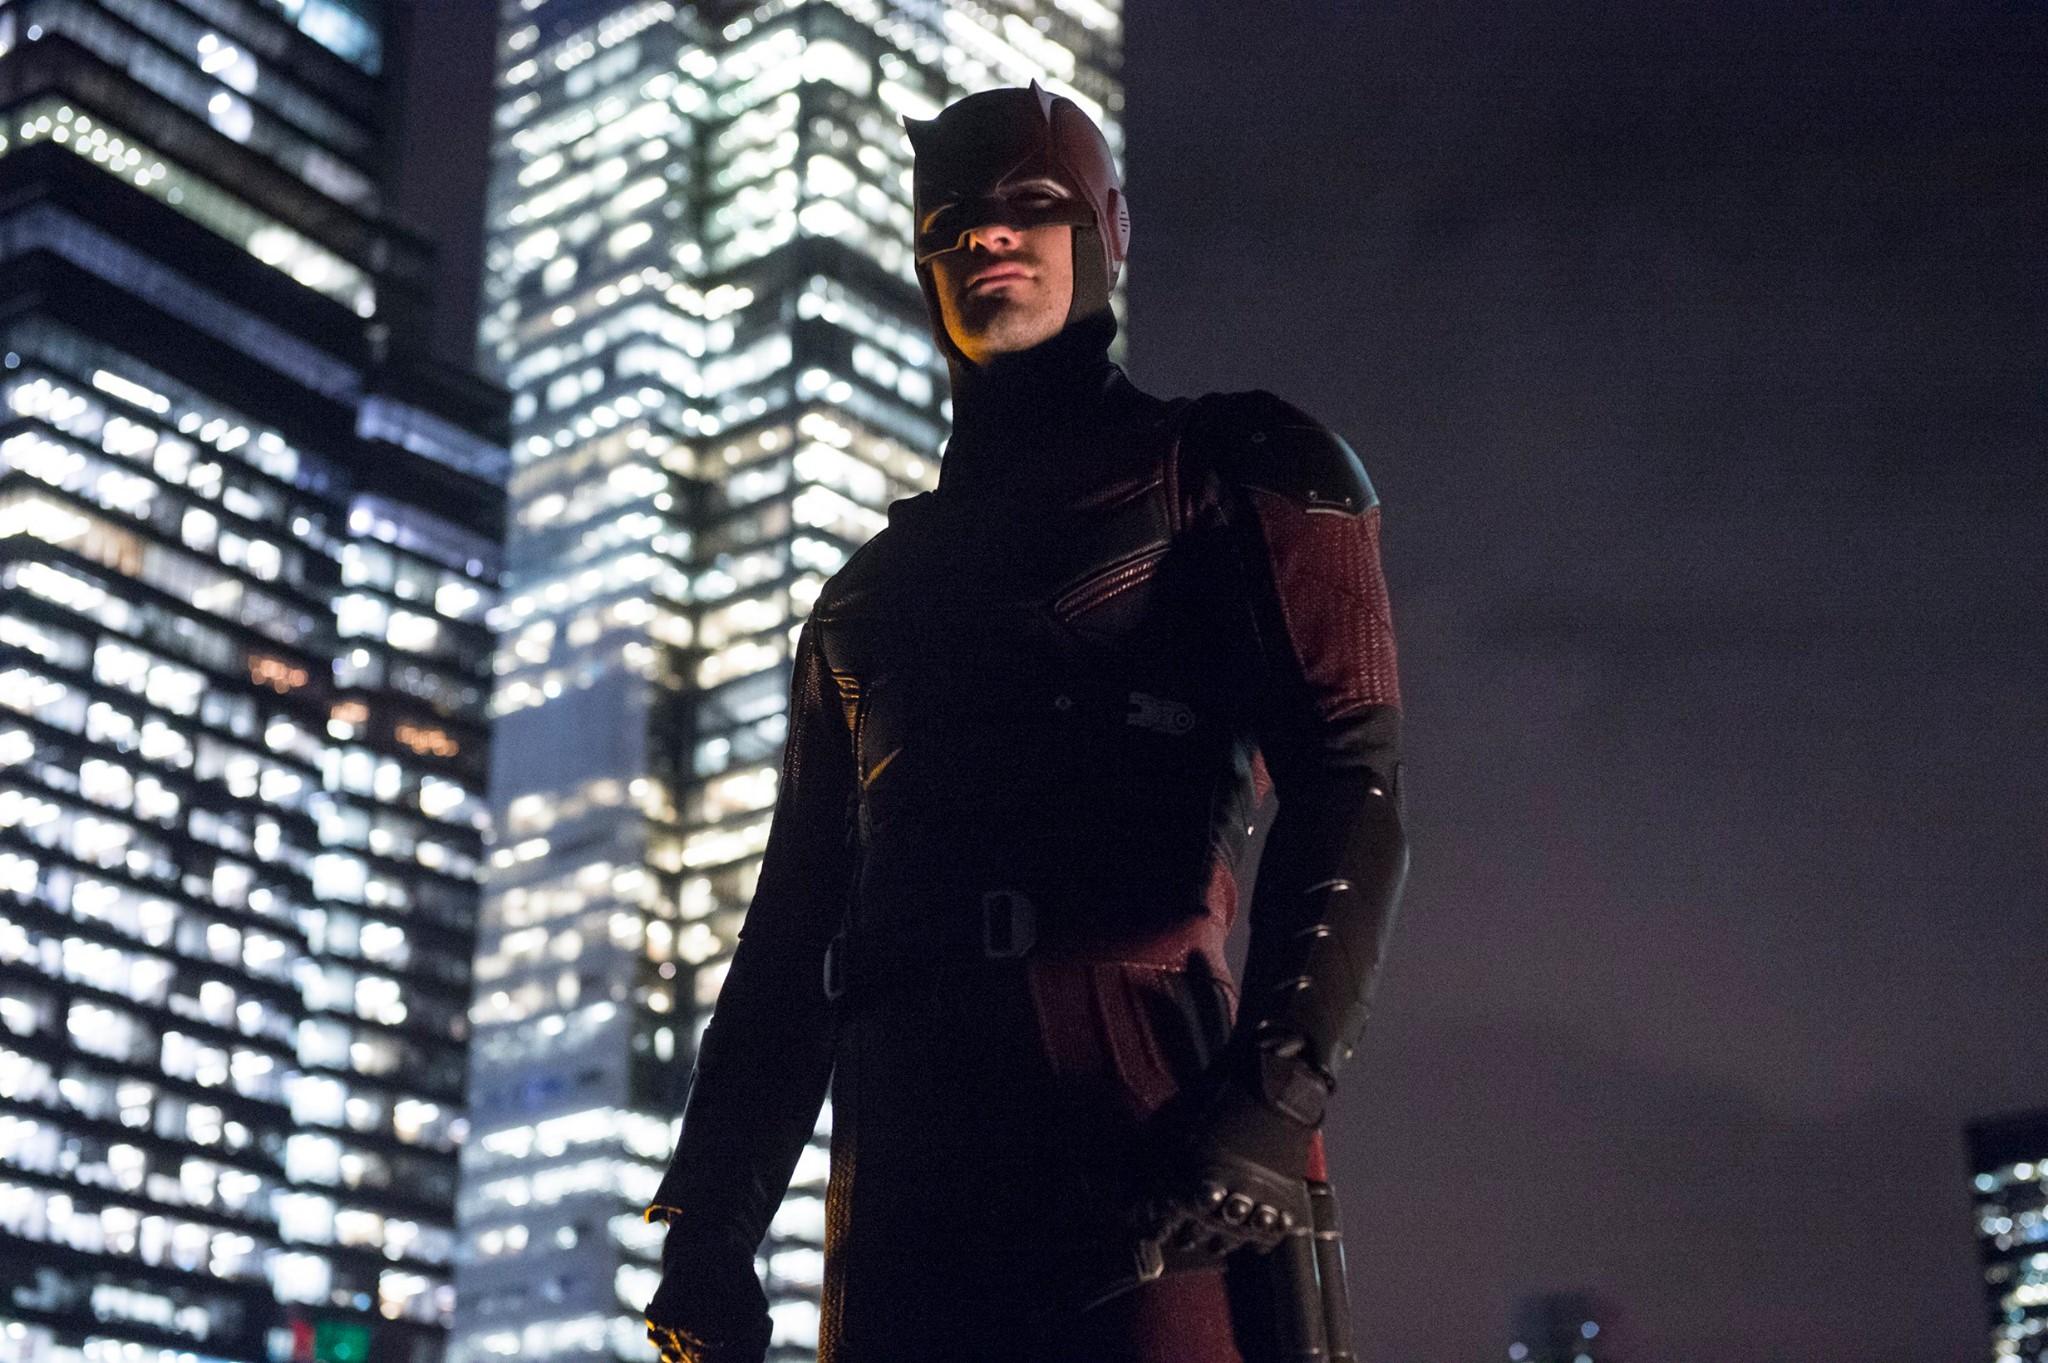 Daredevil 2 stagione in uscita su Netflix il 18 marzo 2016: anticipazioni degli episodi